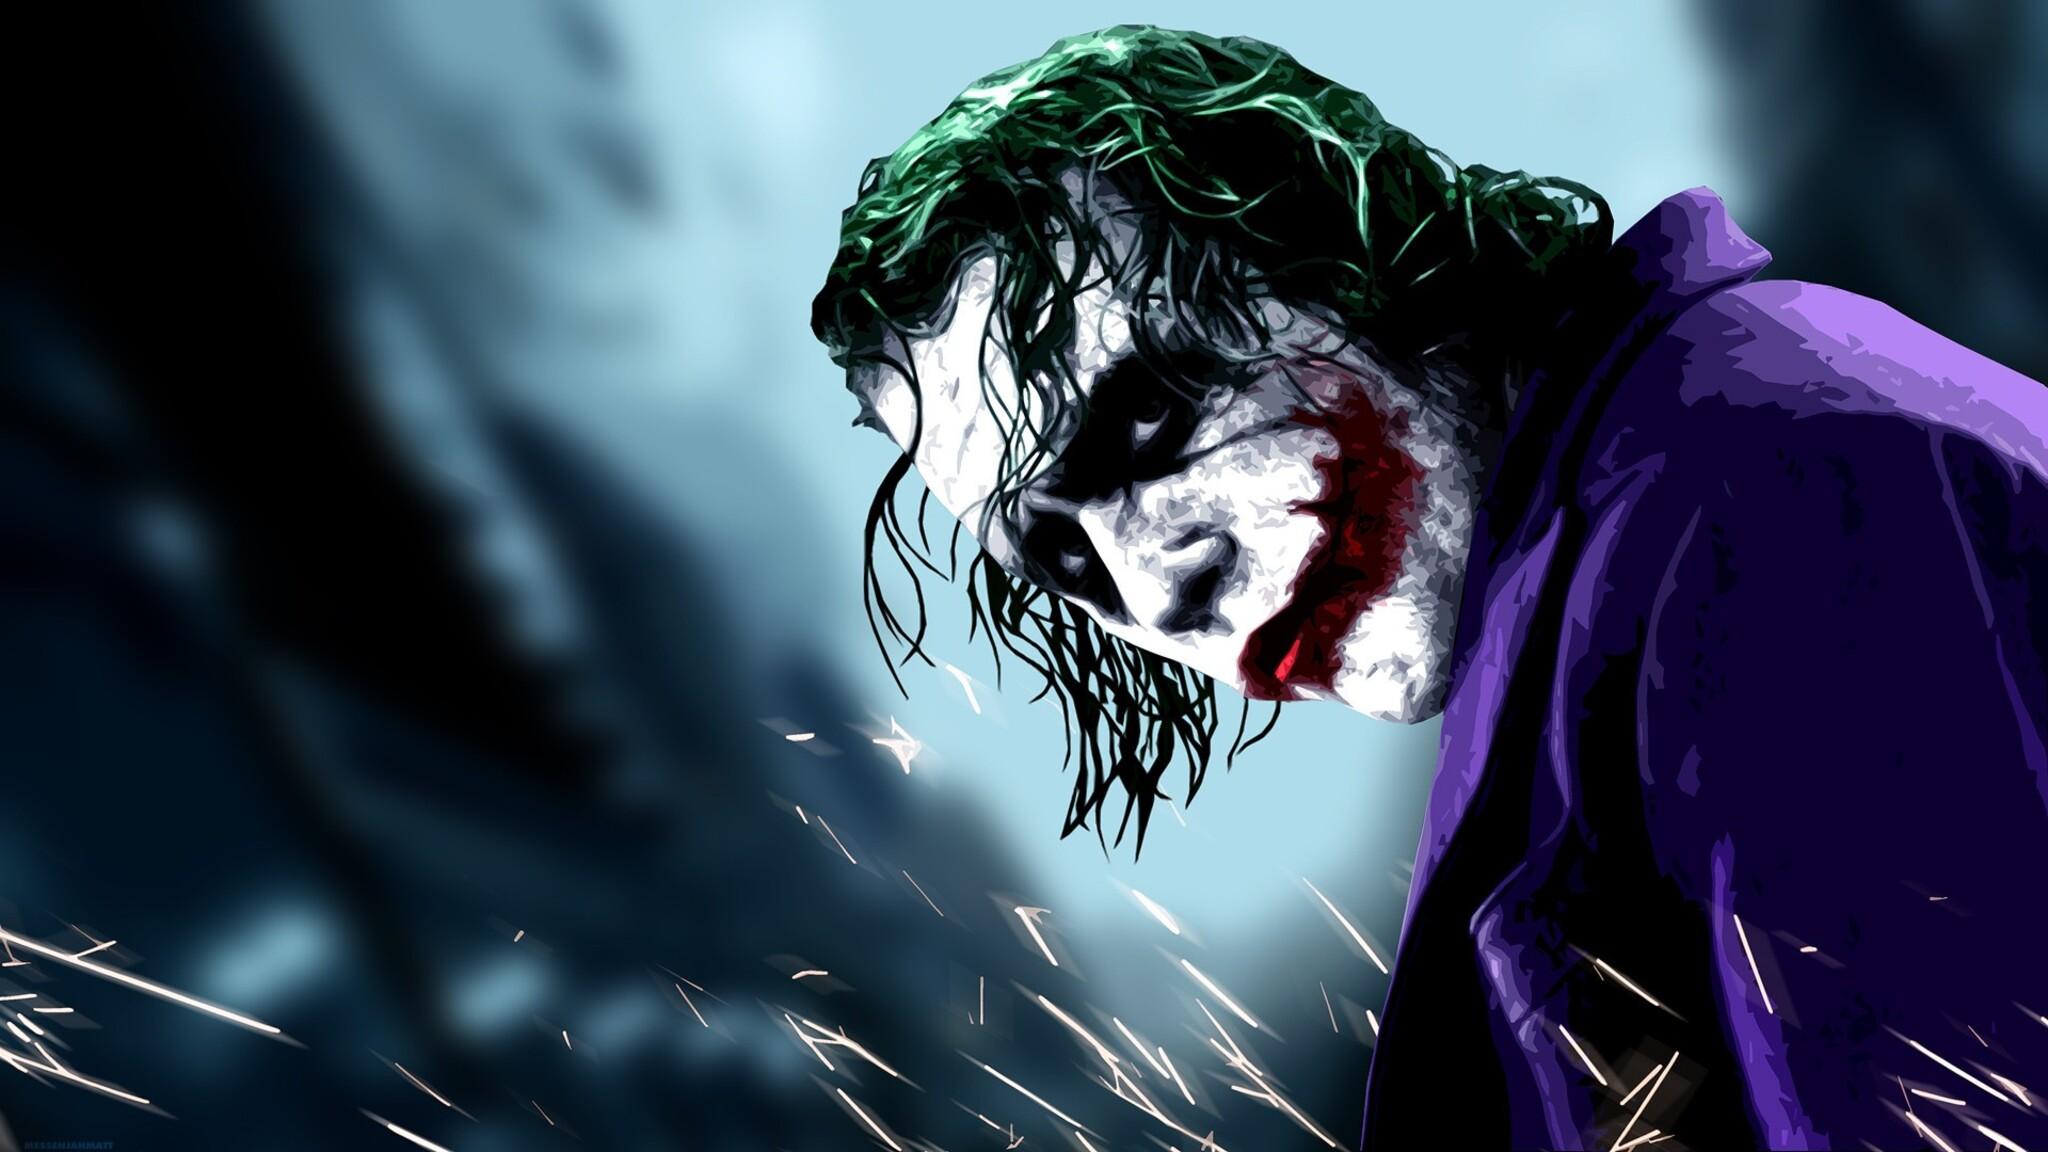 joker-hd-4k.jpg